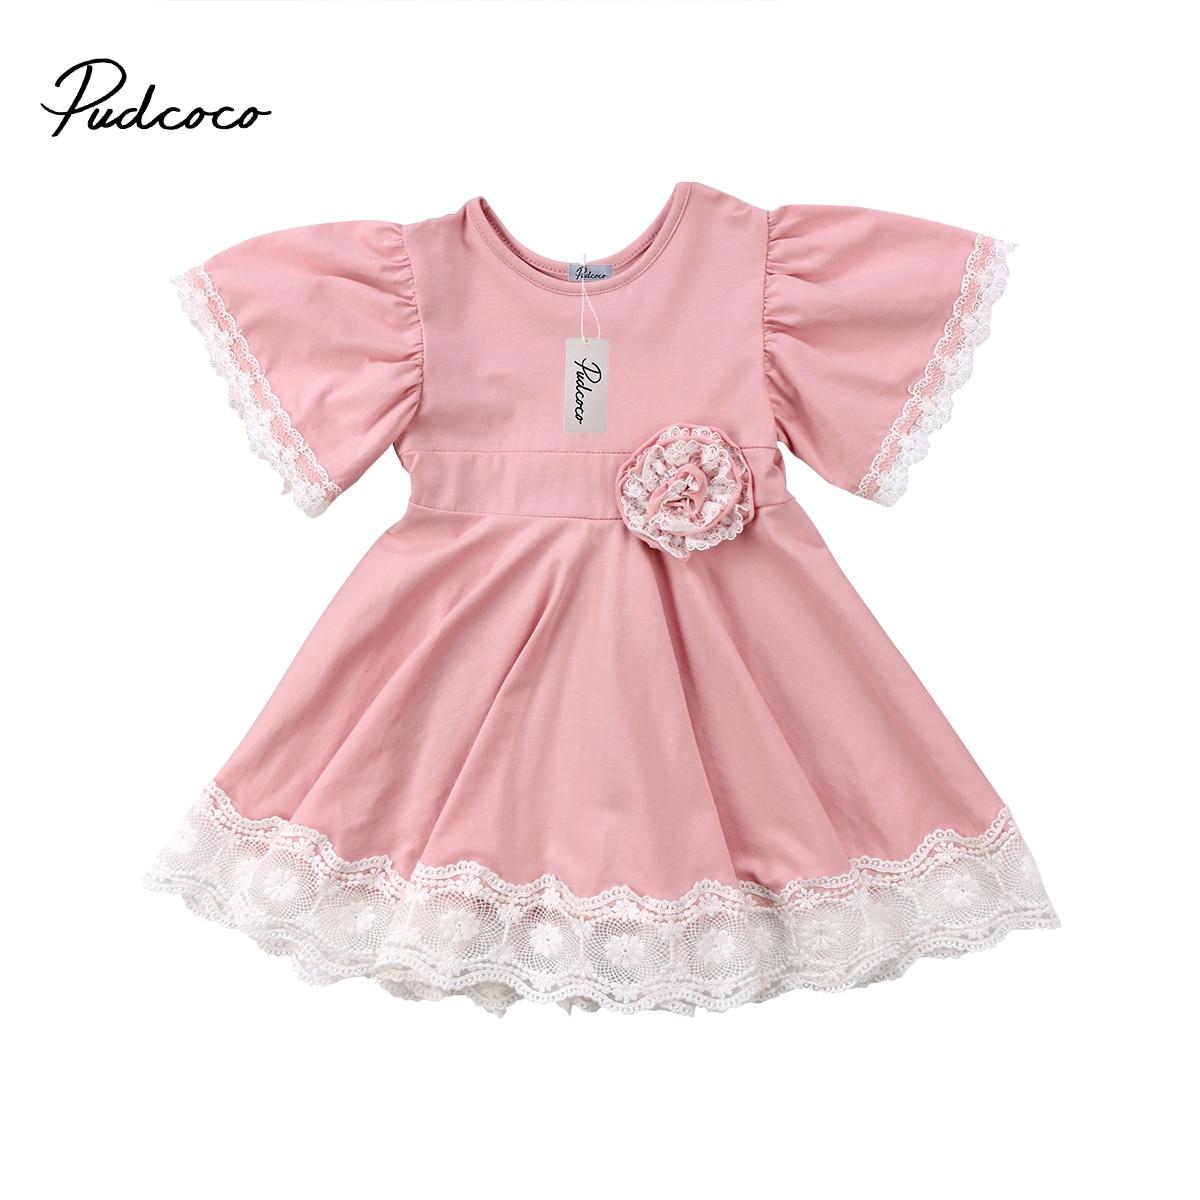 Пышное Платье принцессы Детское платье для маленьких девочек Кружево Цветочные партия Летняя новинка; Платье Необычные Сарафан